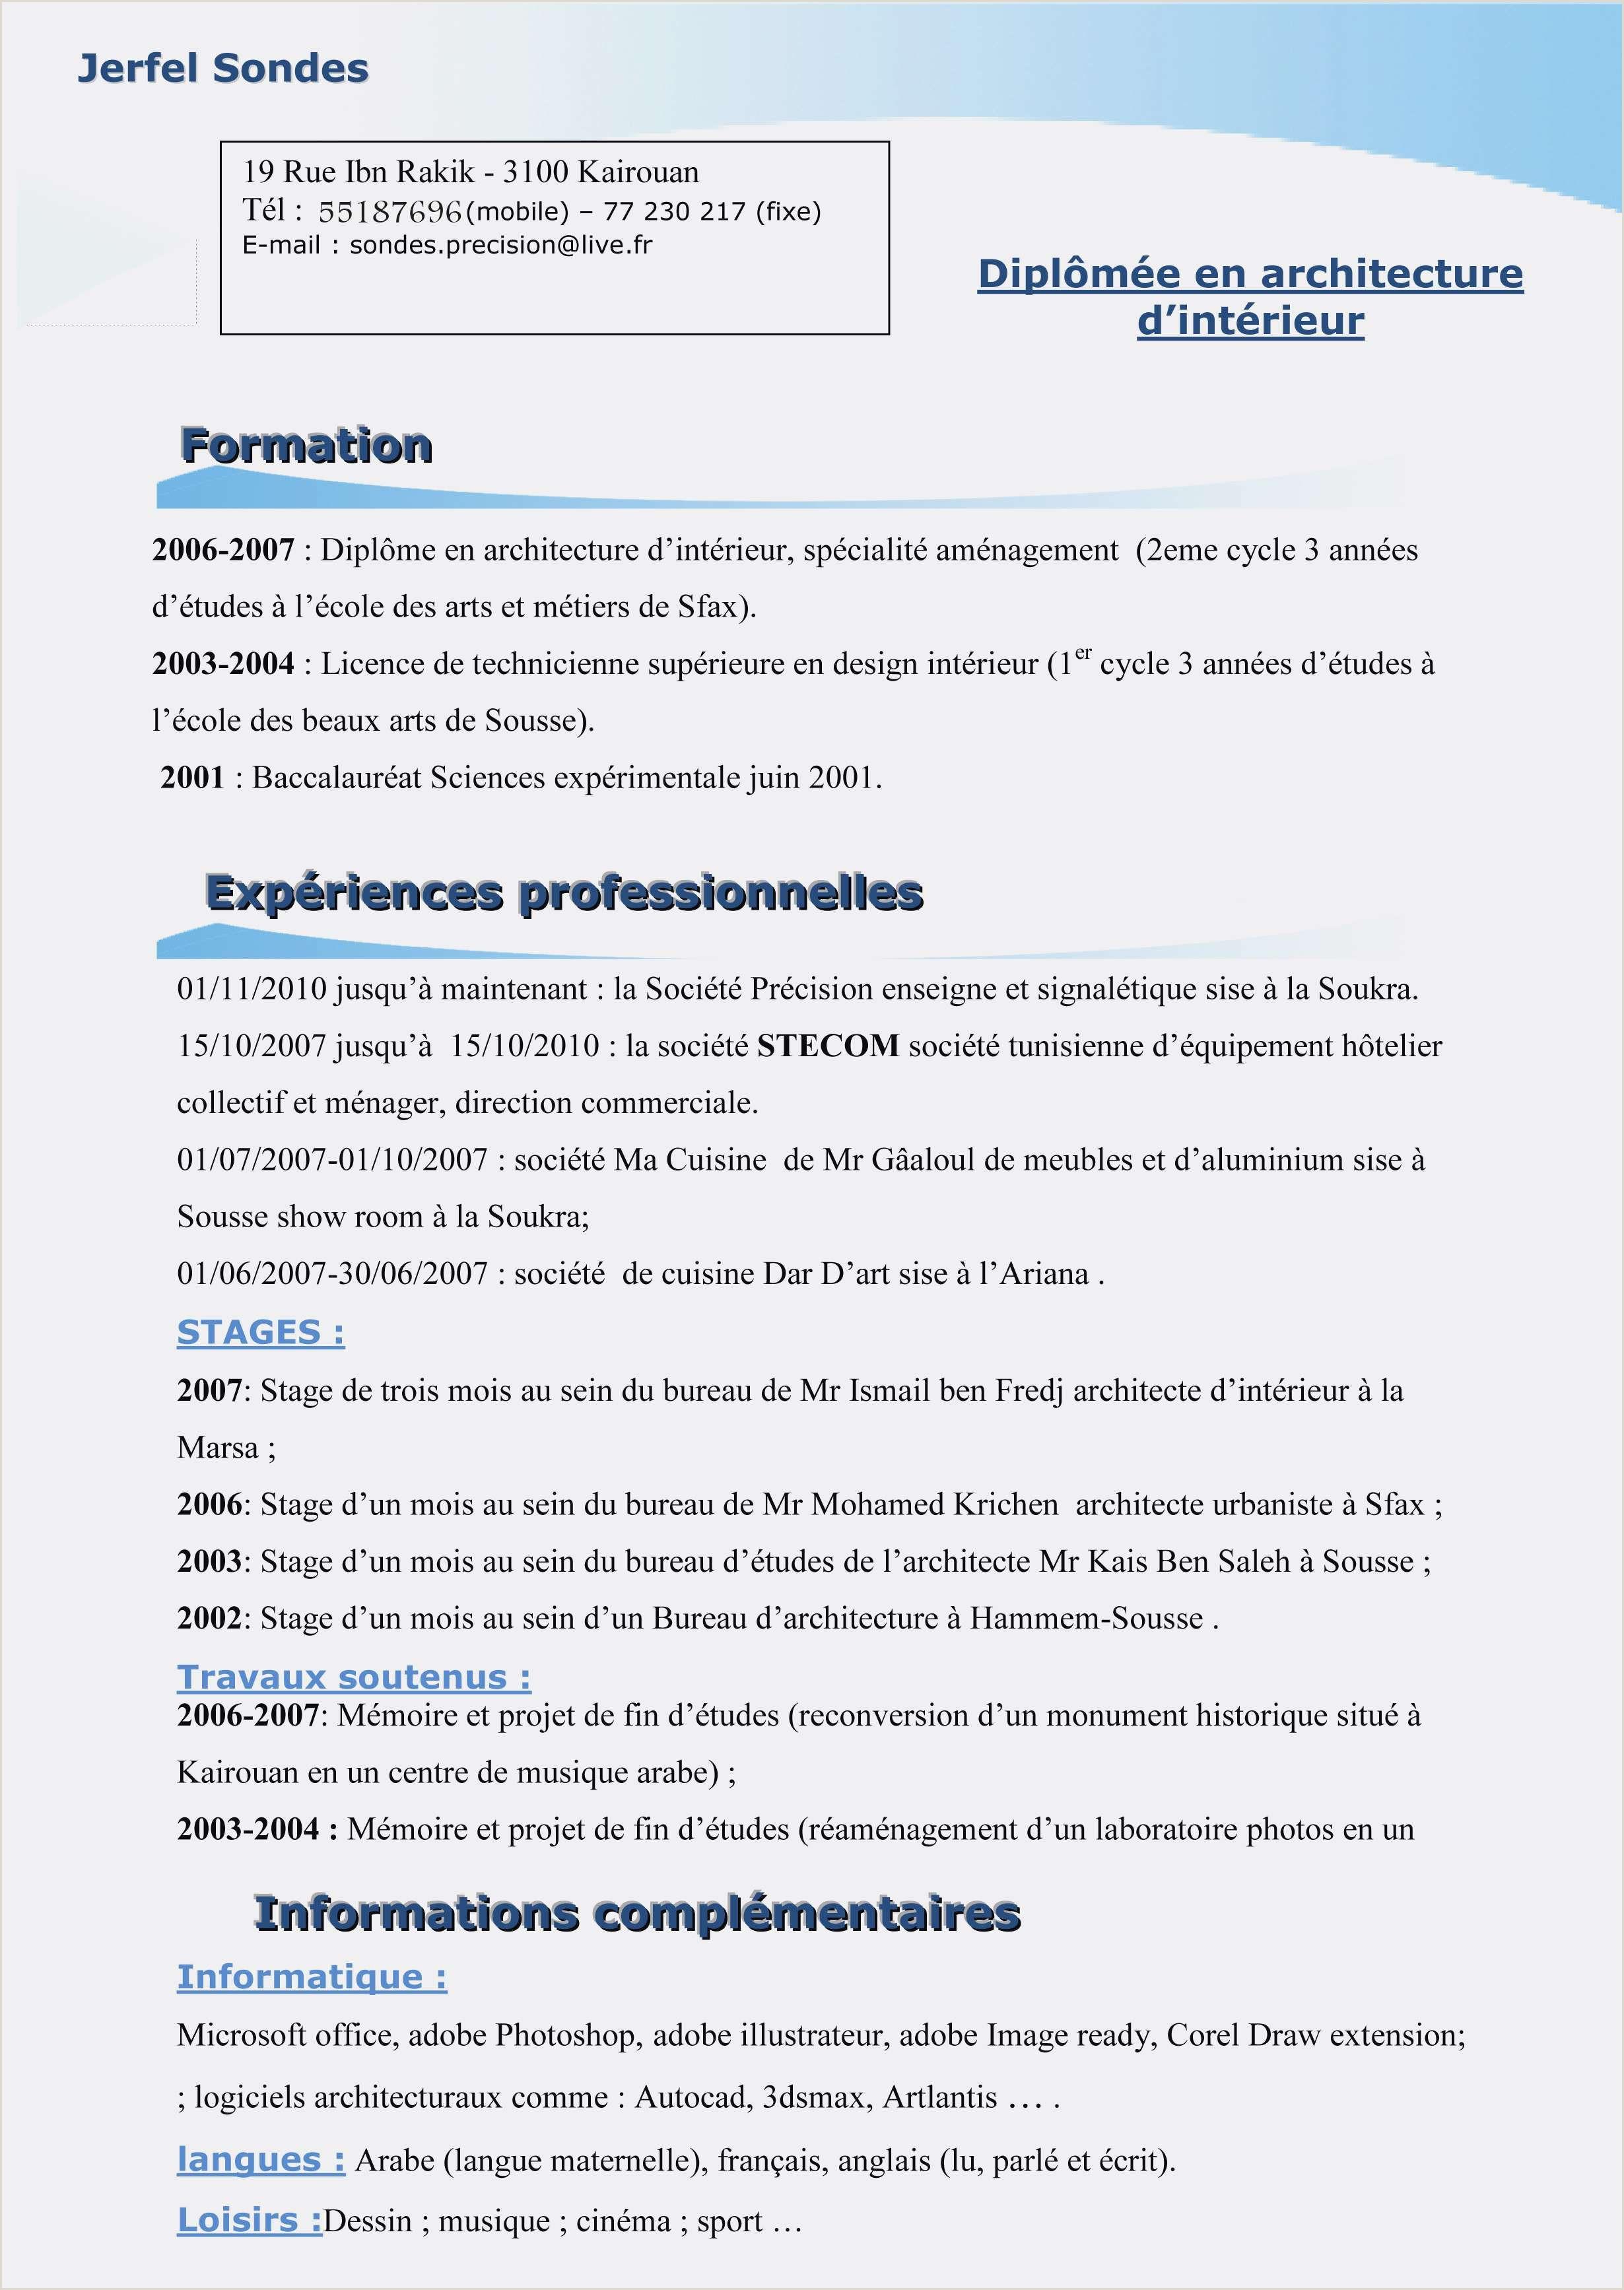 66 Beau Exemple De Cv Tunisie Graphique